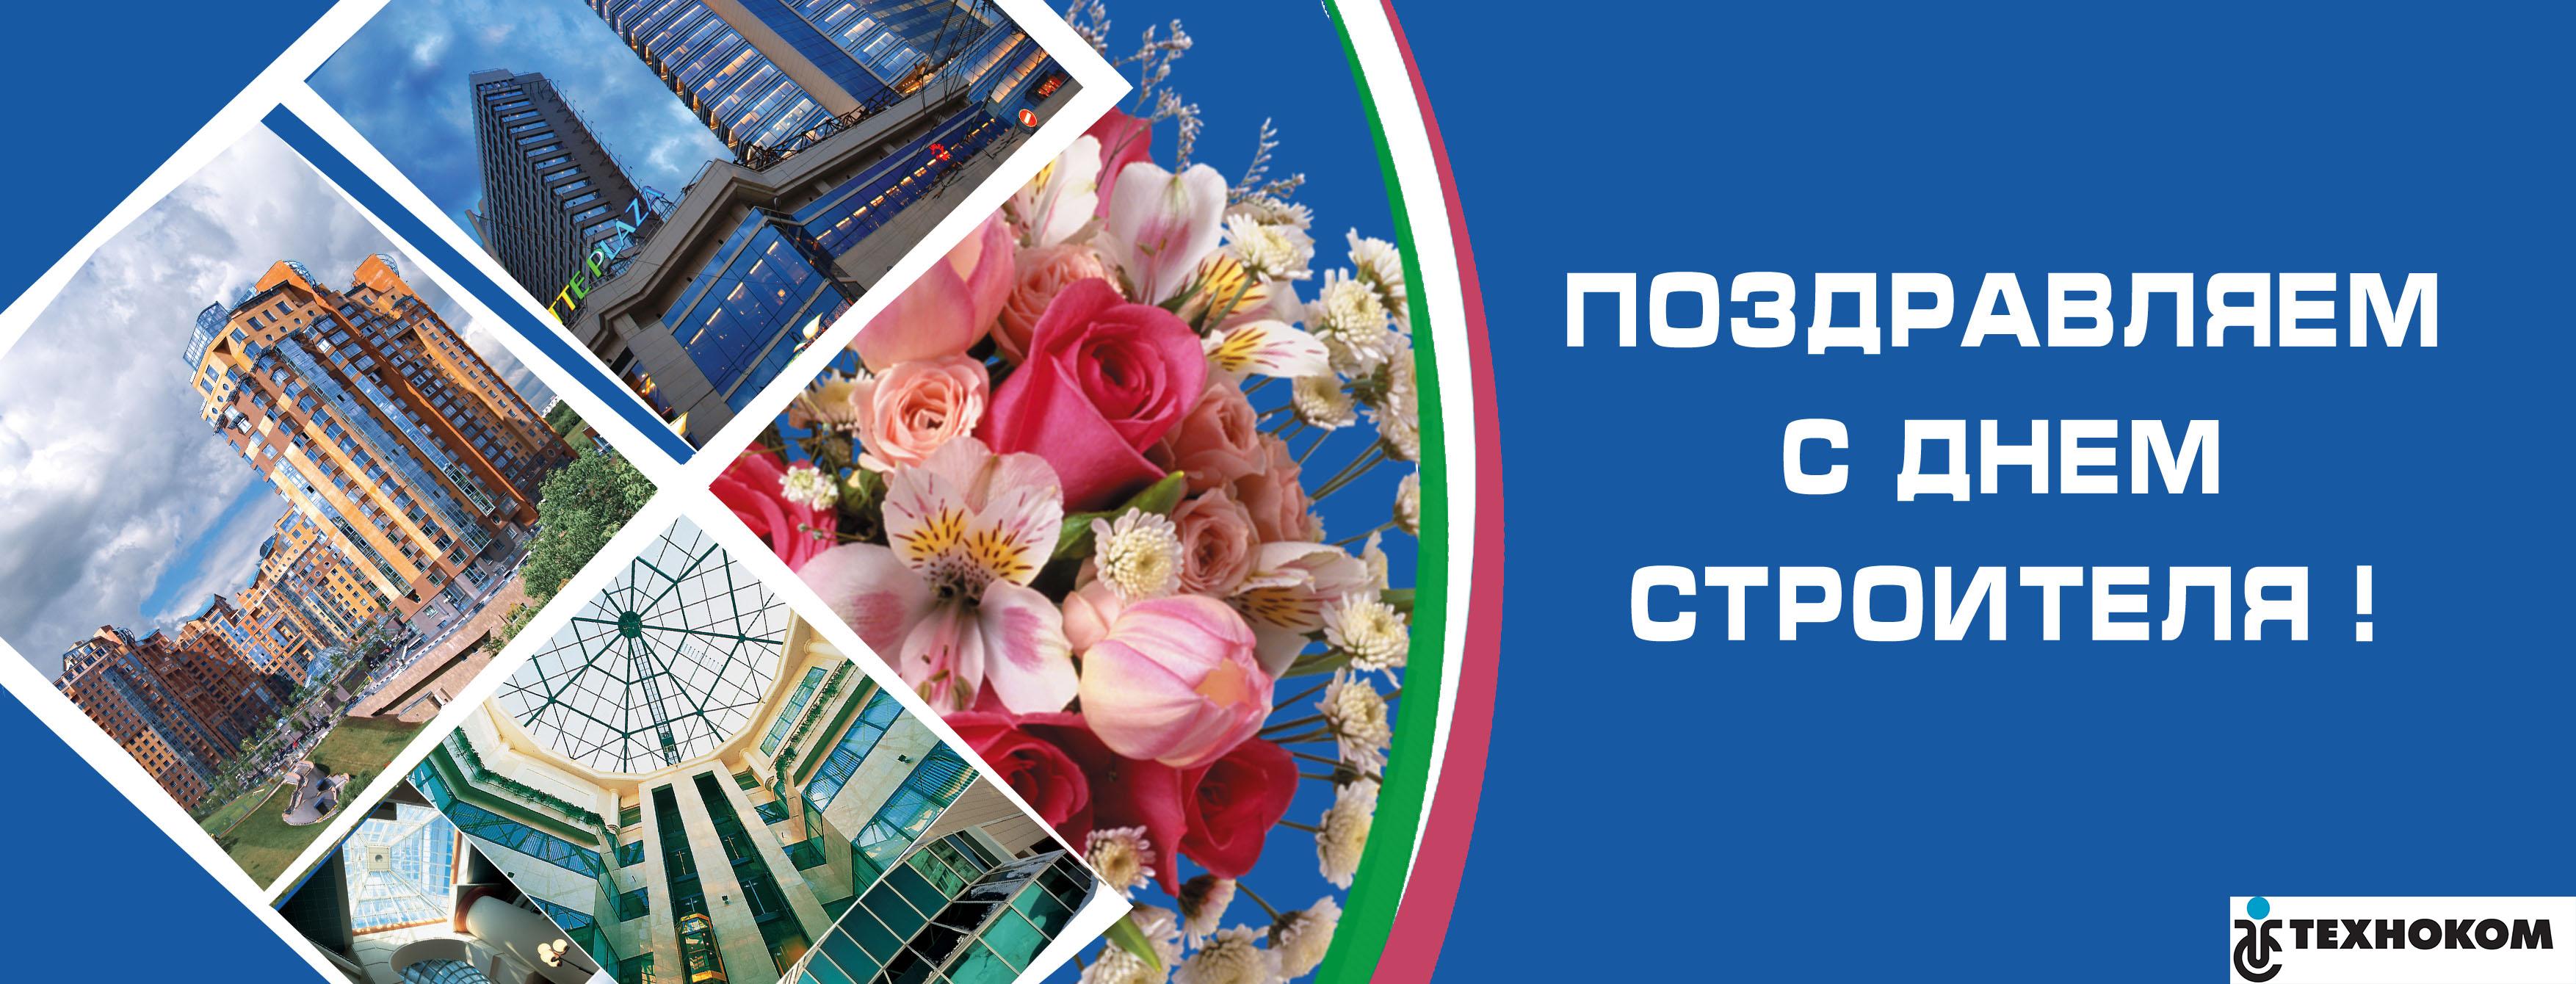 Поздравления с профессиональным праздником строителя